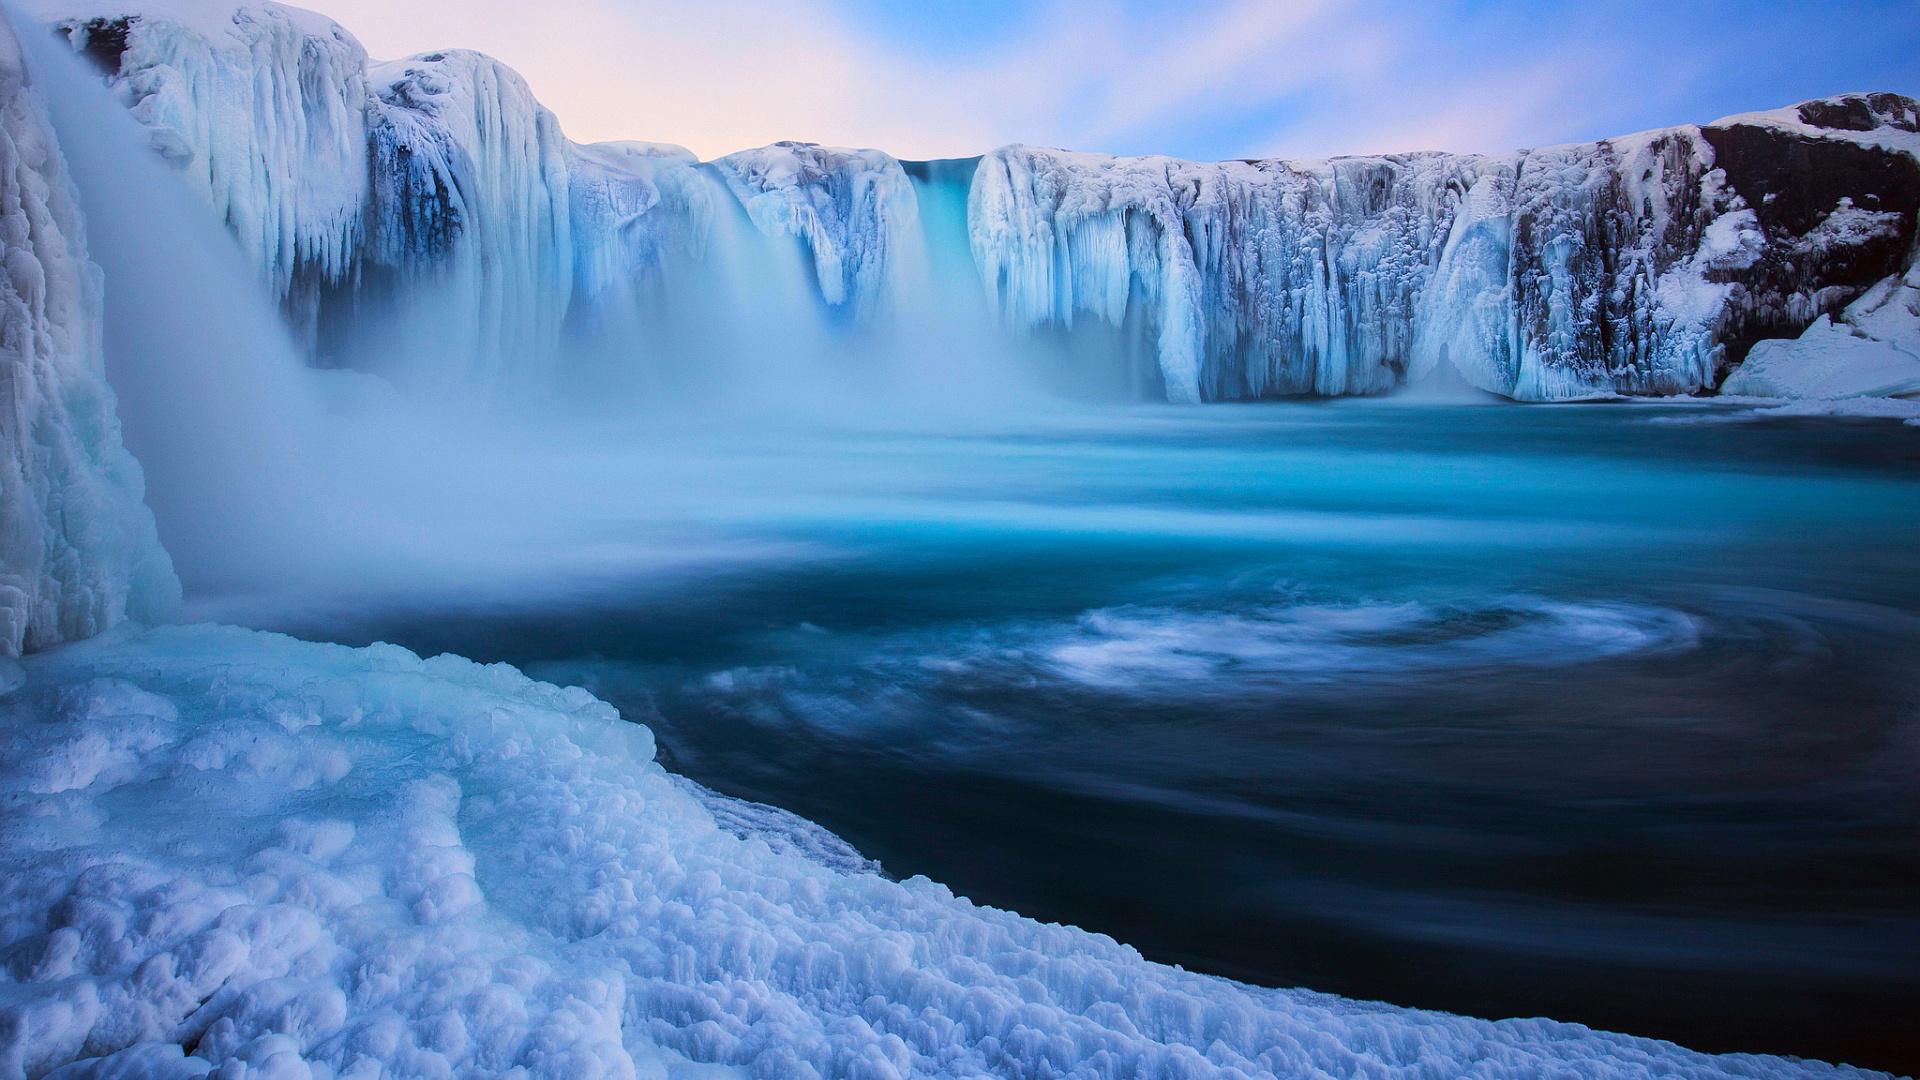 iceland wallpaper waterfall godafoss